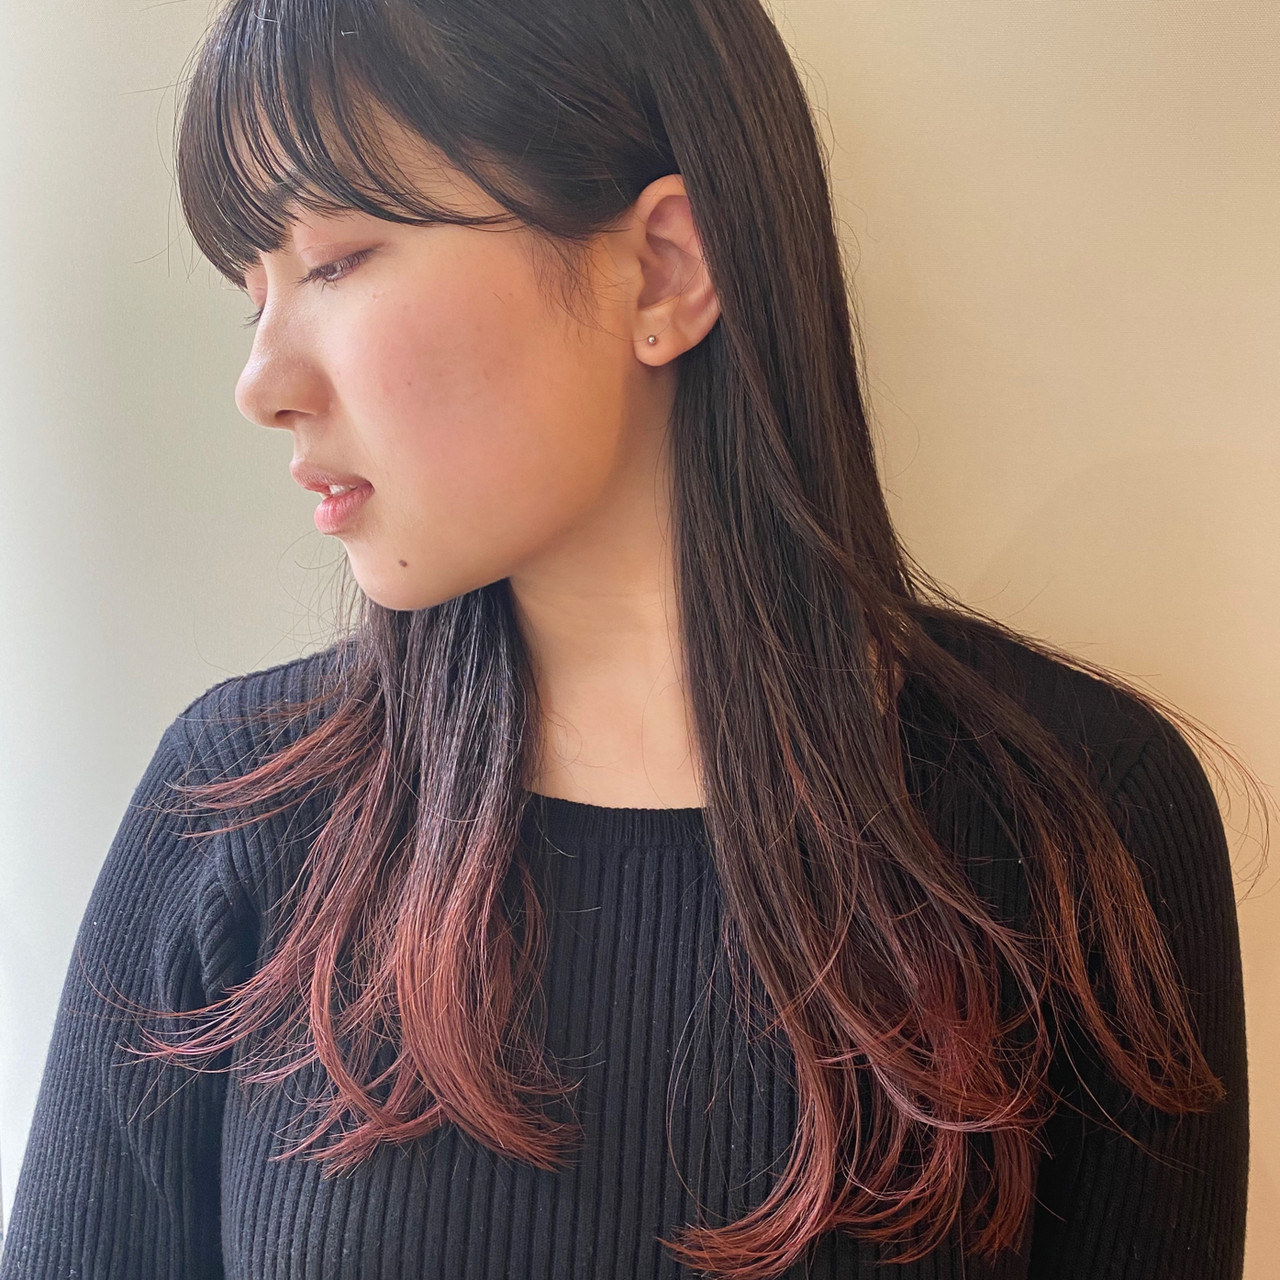 モード グラデーションカラー グラデーション インナーカラー ヘアスタイルや髪型の写真・画像